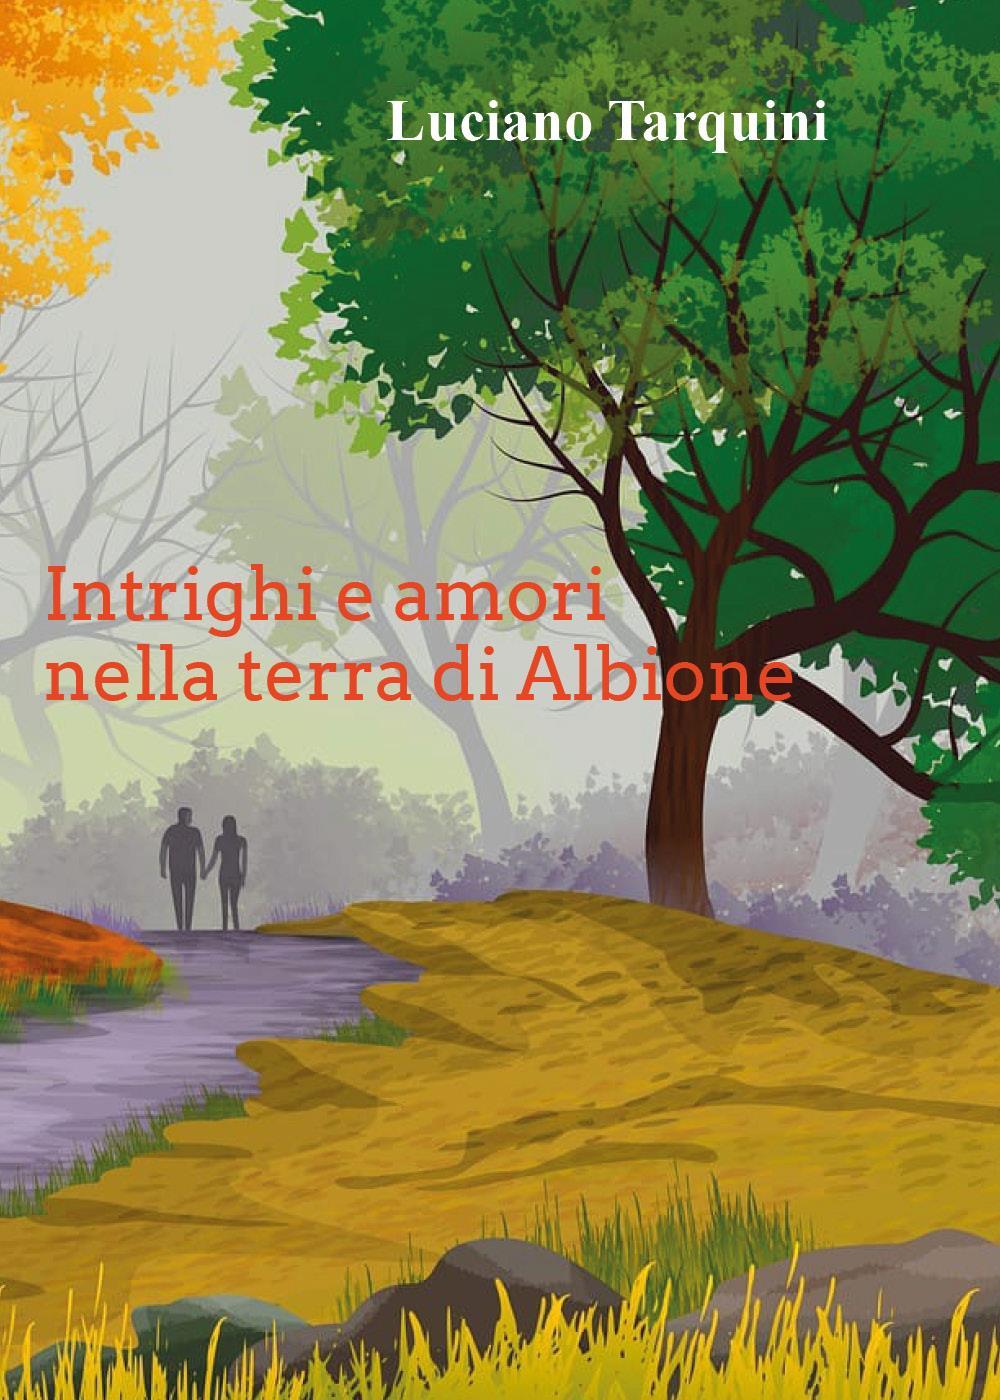 Intrighi e amori nella terra di Albione